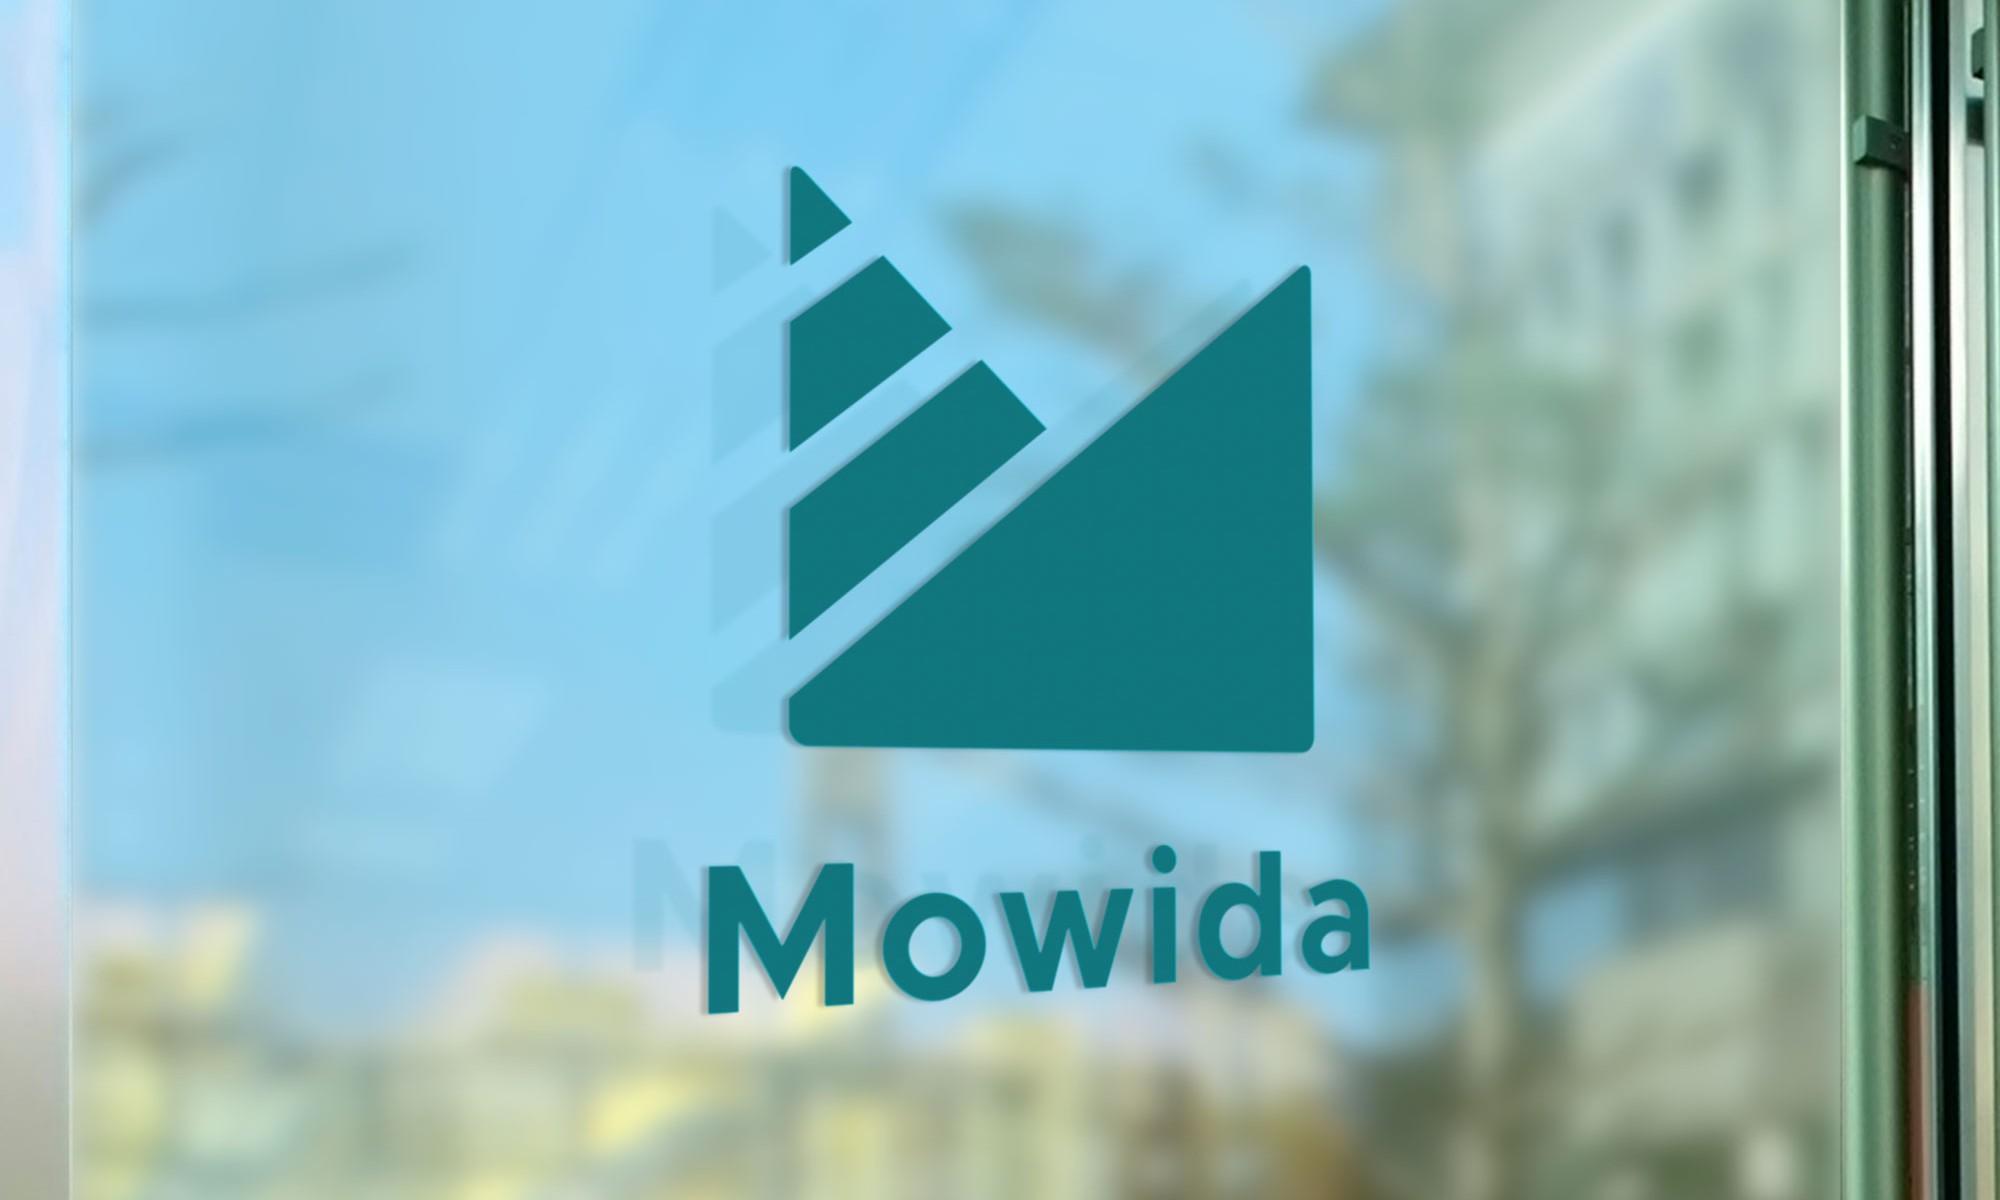 Mowida logotype signage design by Kogit Design